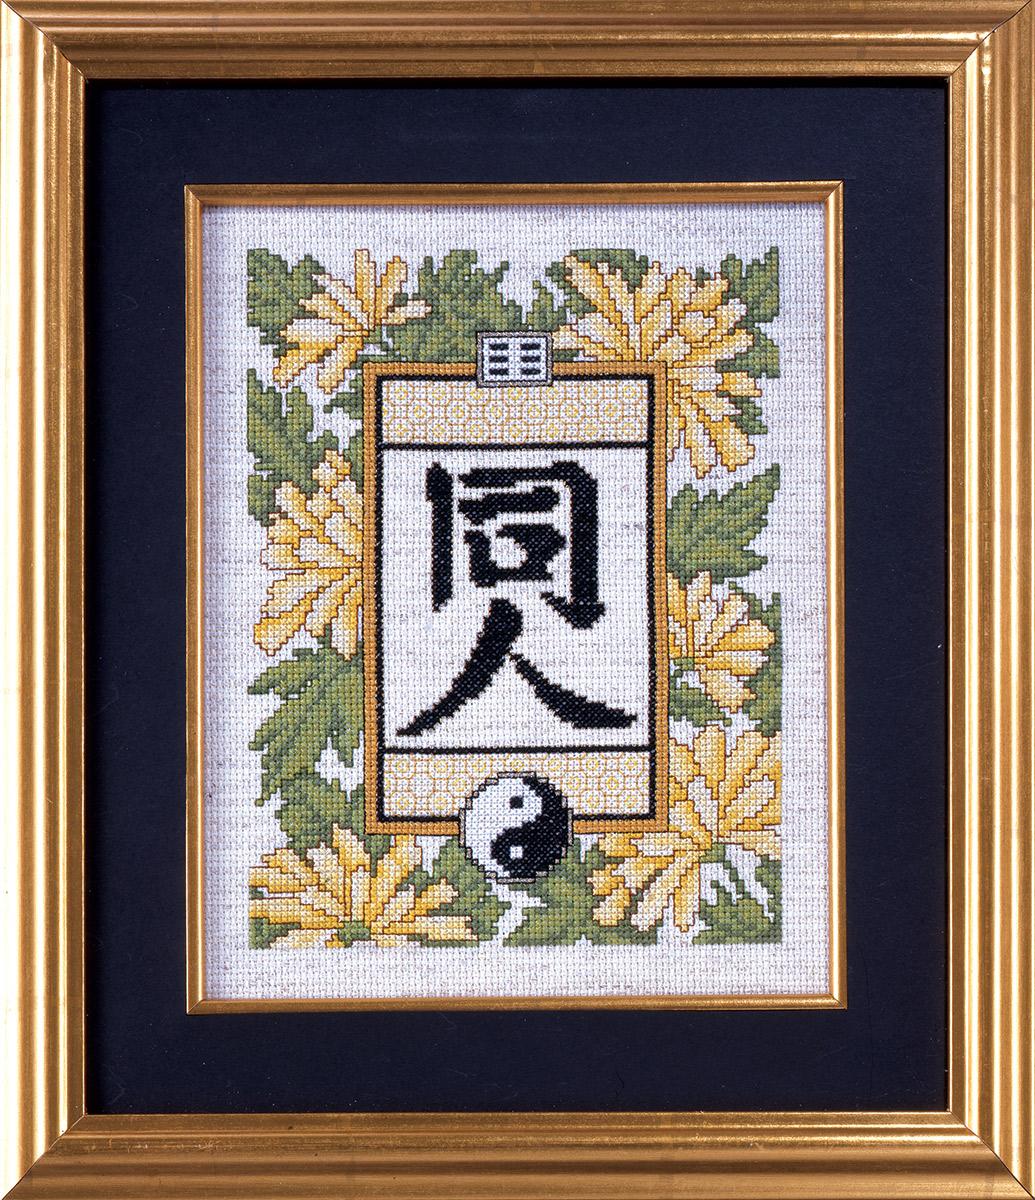 Набор для вышивания крестом Design Works Равновесие, 18 х 23 см9905Канва Аида 14 (100% хлопок), нитки мулине (100% хлопок), игла, подробная инструкция со схемой вышивки на русском языке